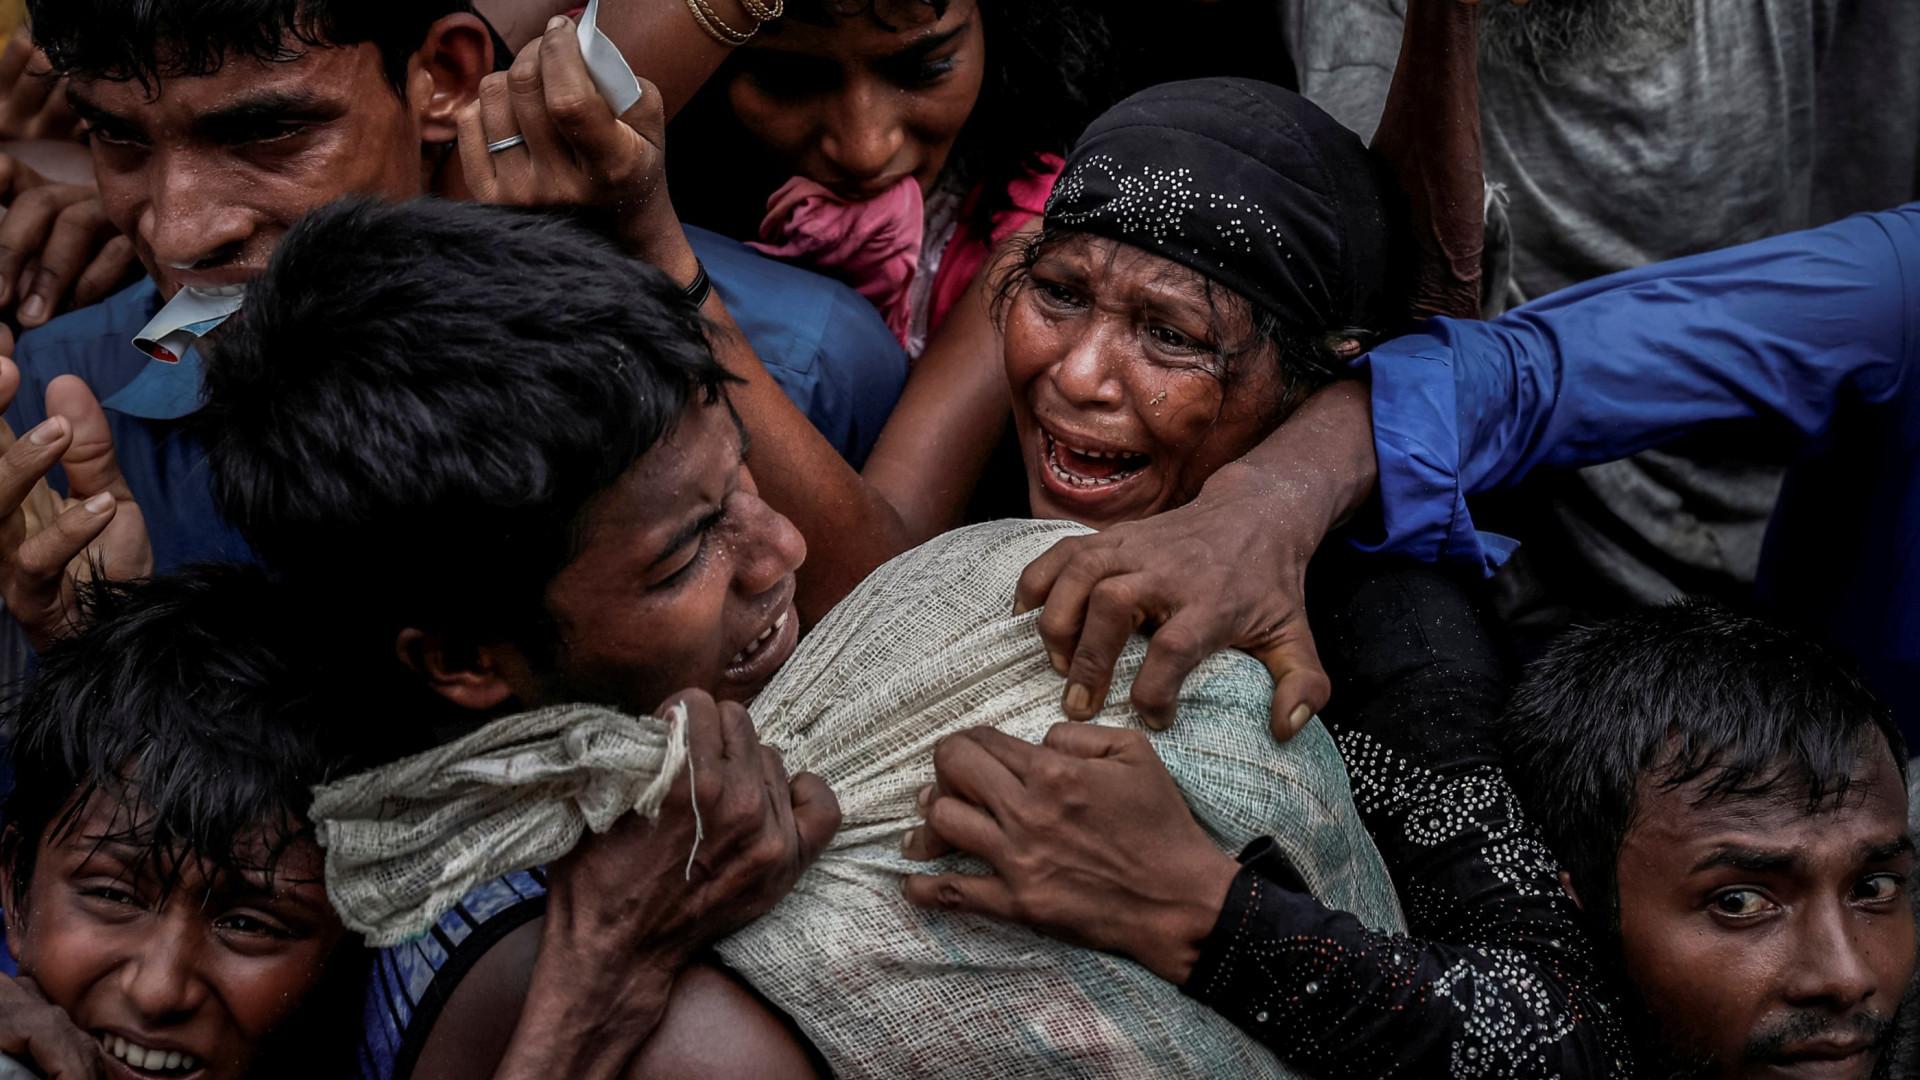 Amnistia culpa insurgentes rohingya de massacrar população hindu